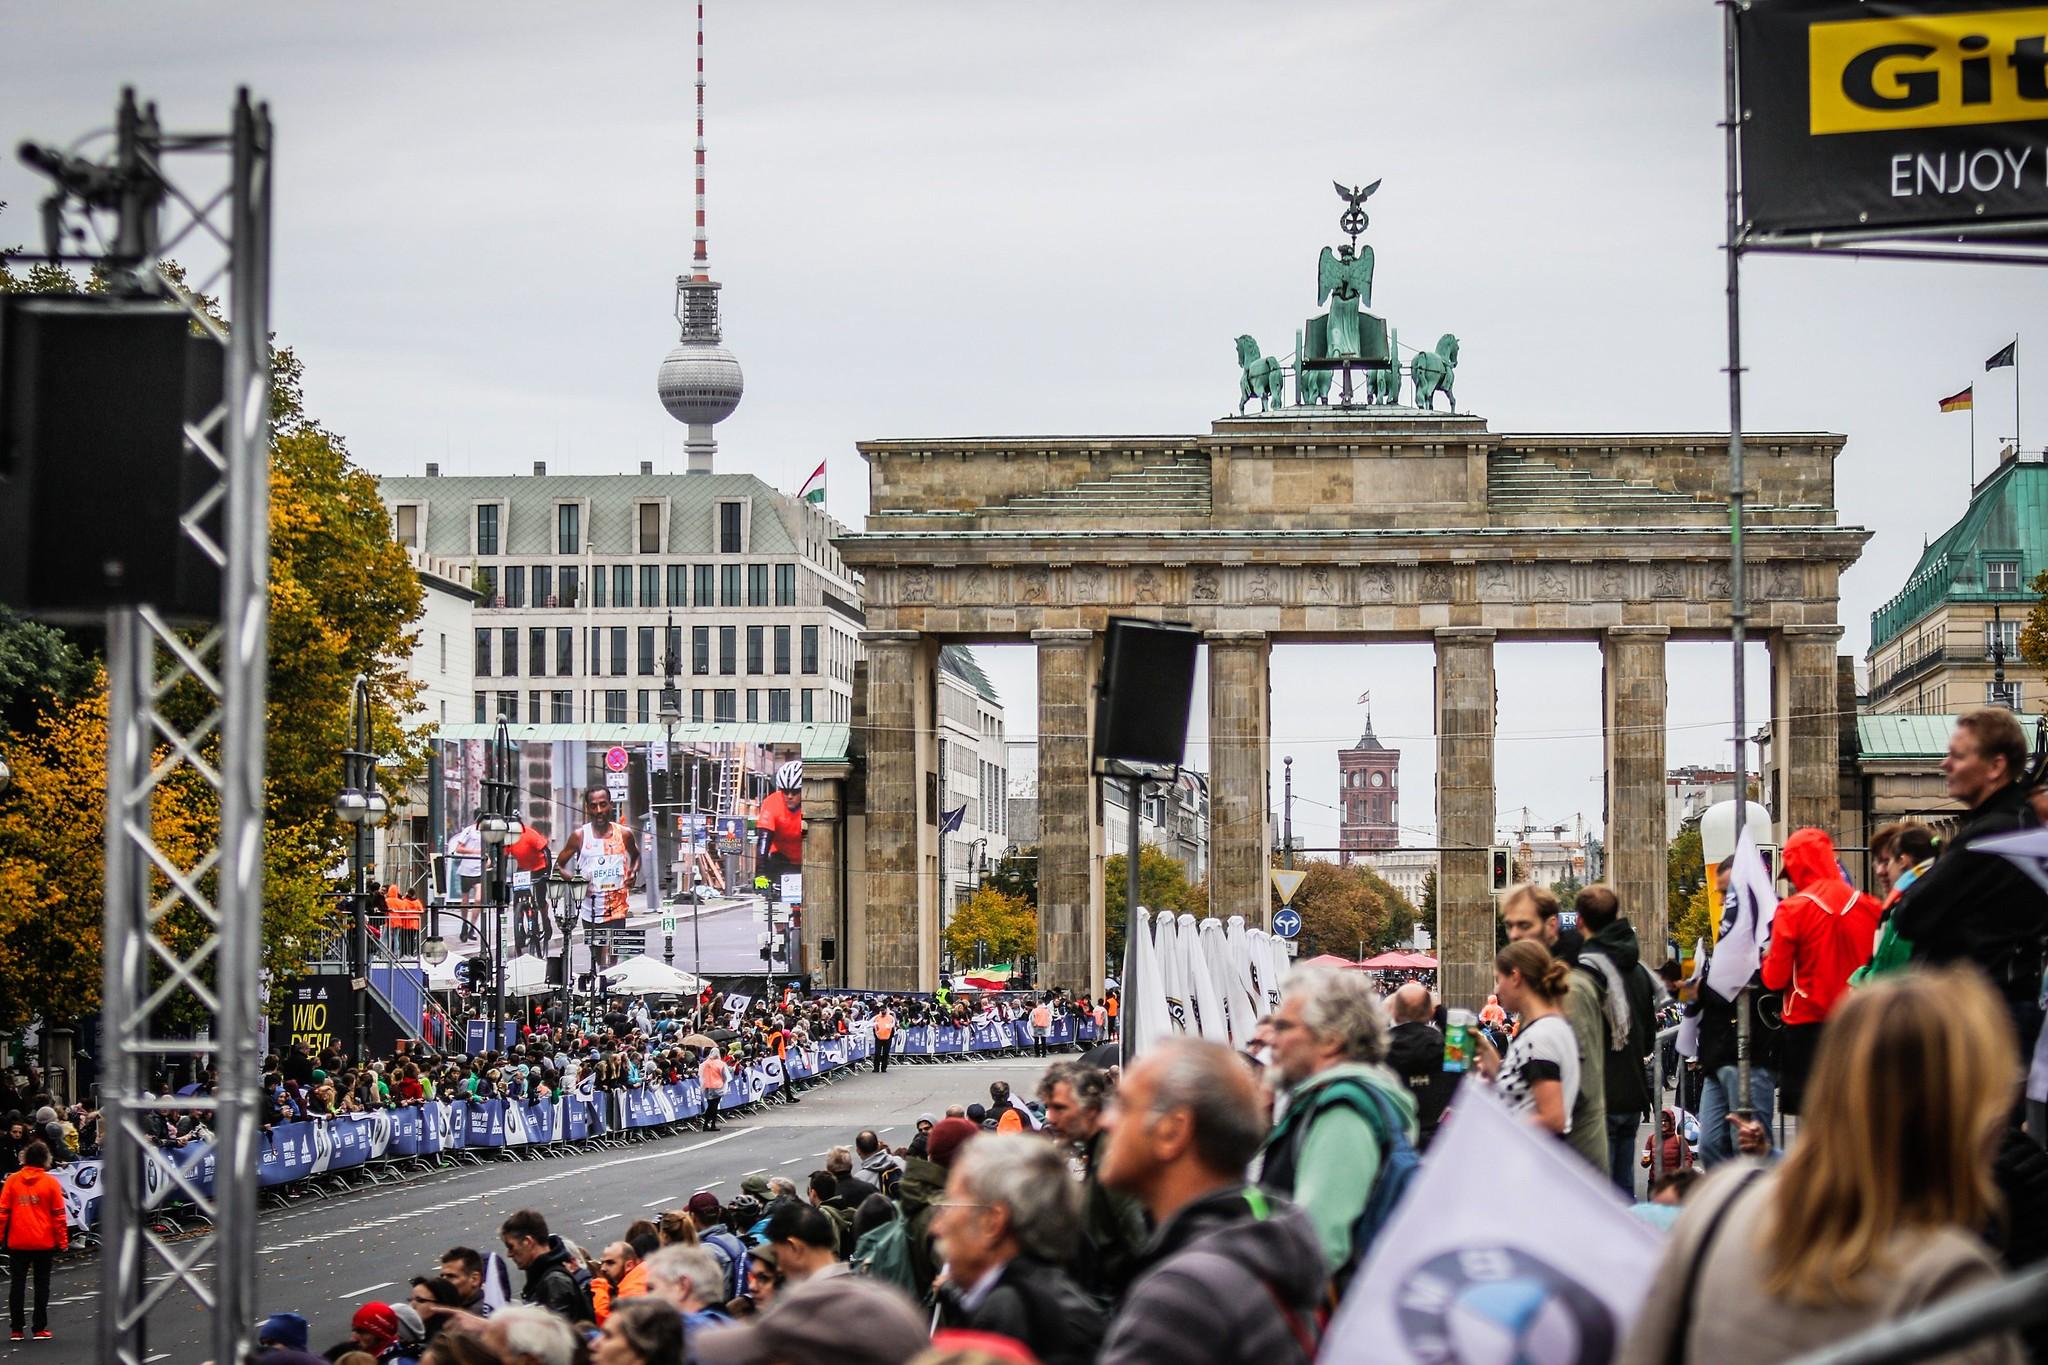 Correr el Maratón de Berlín - Berlin Marathon fotos photos - thewotme maratón de berlín - 49039283467 b70affa7c5 k - Correr el Maratón de Berlín: Análisis, recorrido, entrenamiento e inscripciones